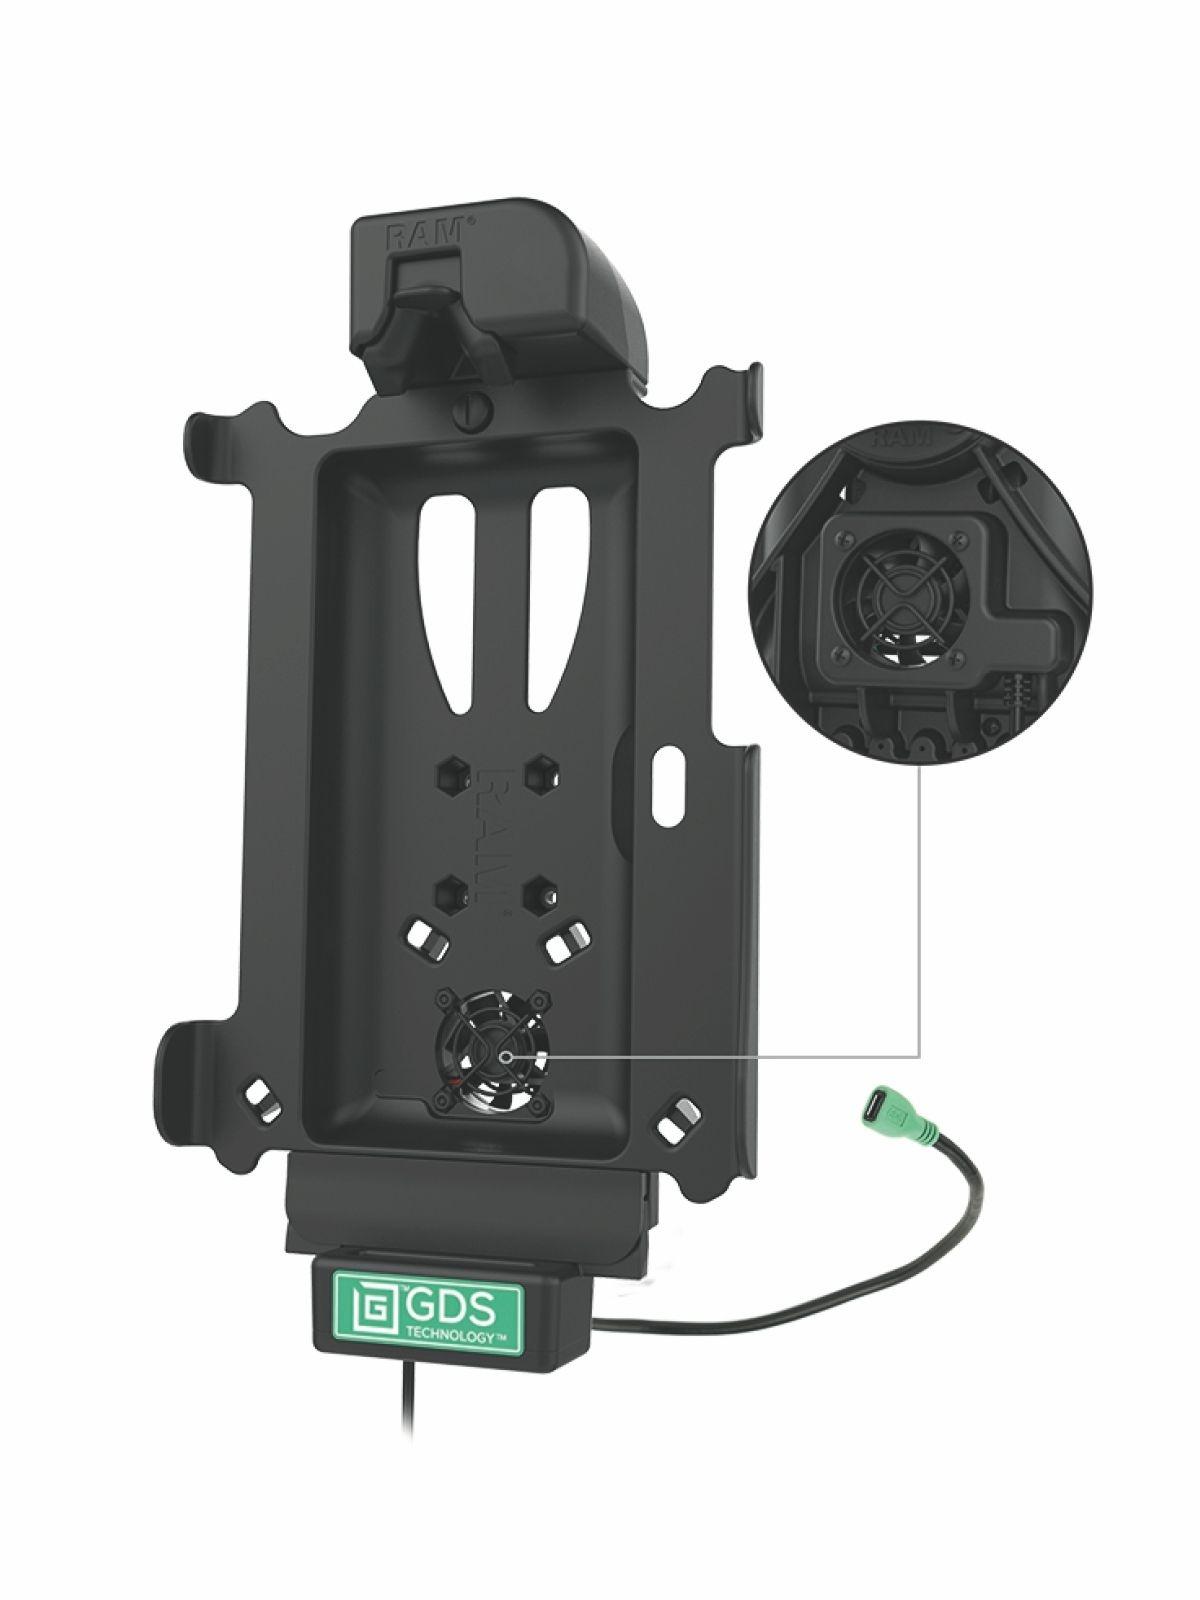 RAM Mounts GDS Dockingstation mit Kühlung für Samsung Tab A 8.0 (SM-T290, SM-T295) in IntelliSkin-Lade-/Schutzhüllen - USB-C-Stromanbindung, Ventilator, AMPS-Anbindung